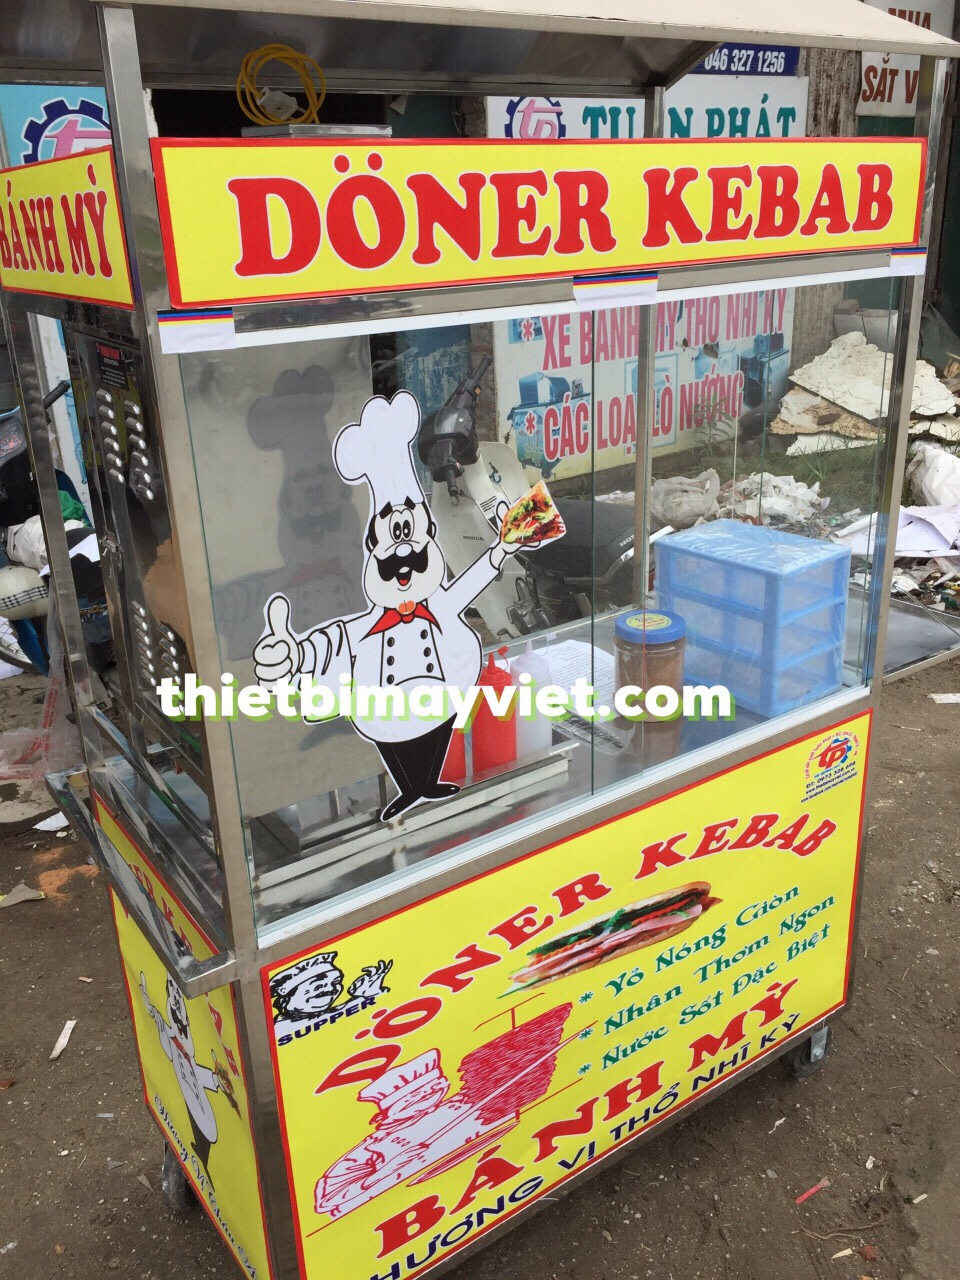 Xe bánh mì Doner Kebab 60x90 Tuấn Phát